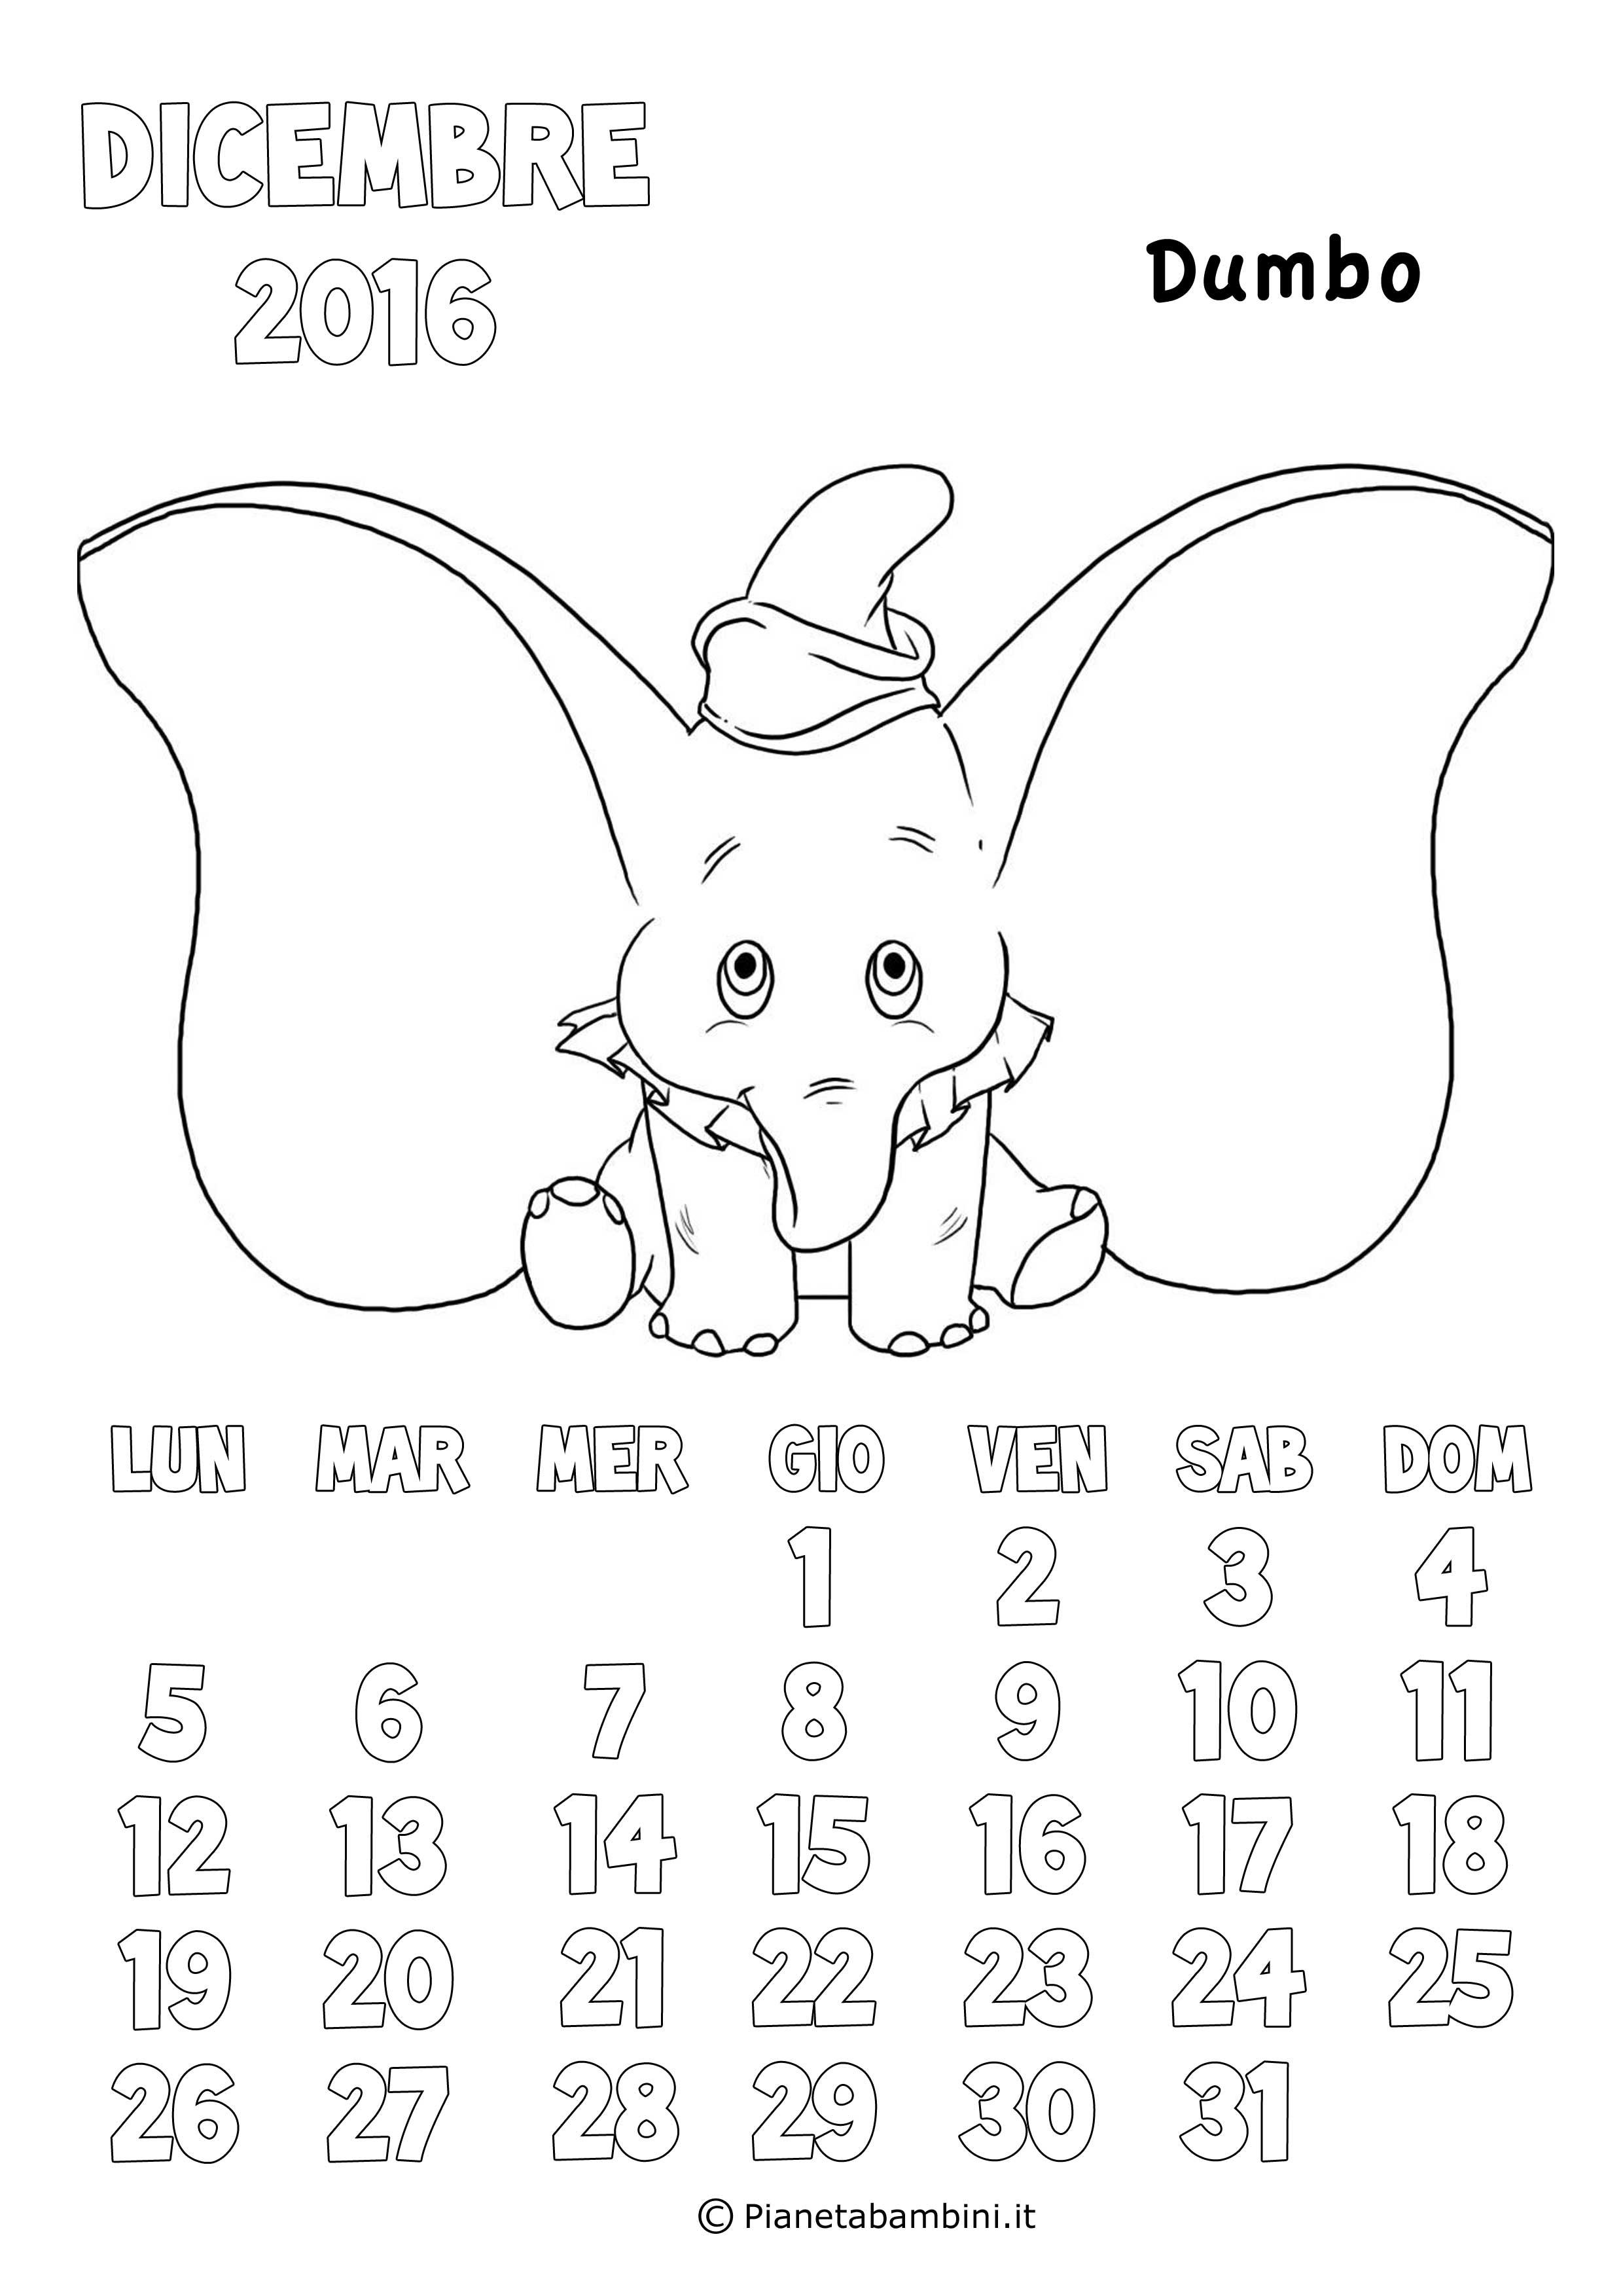 Dicembre-2016-Dumbo